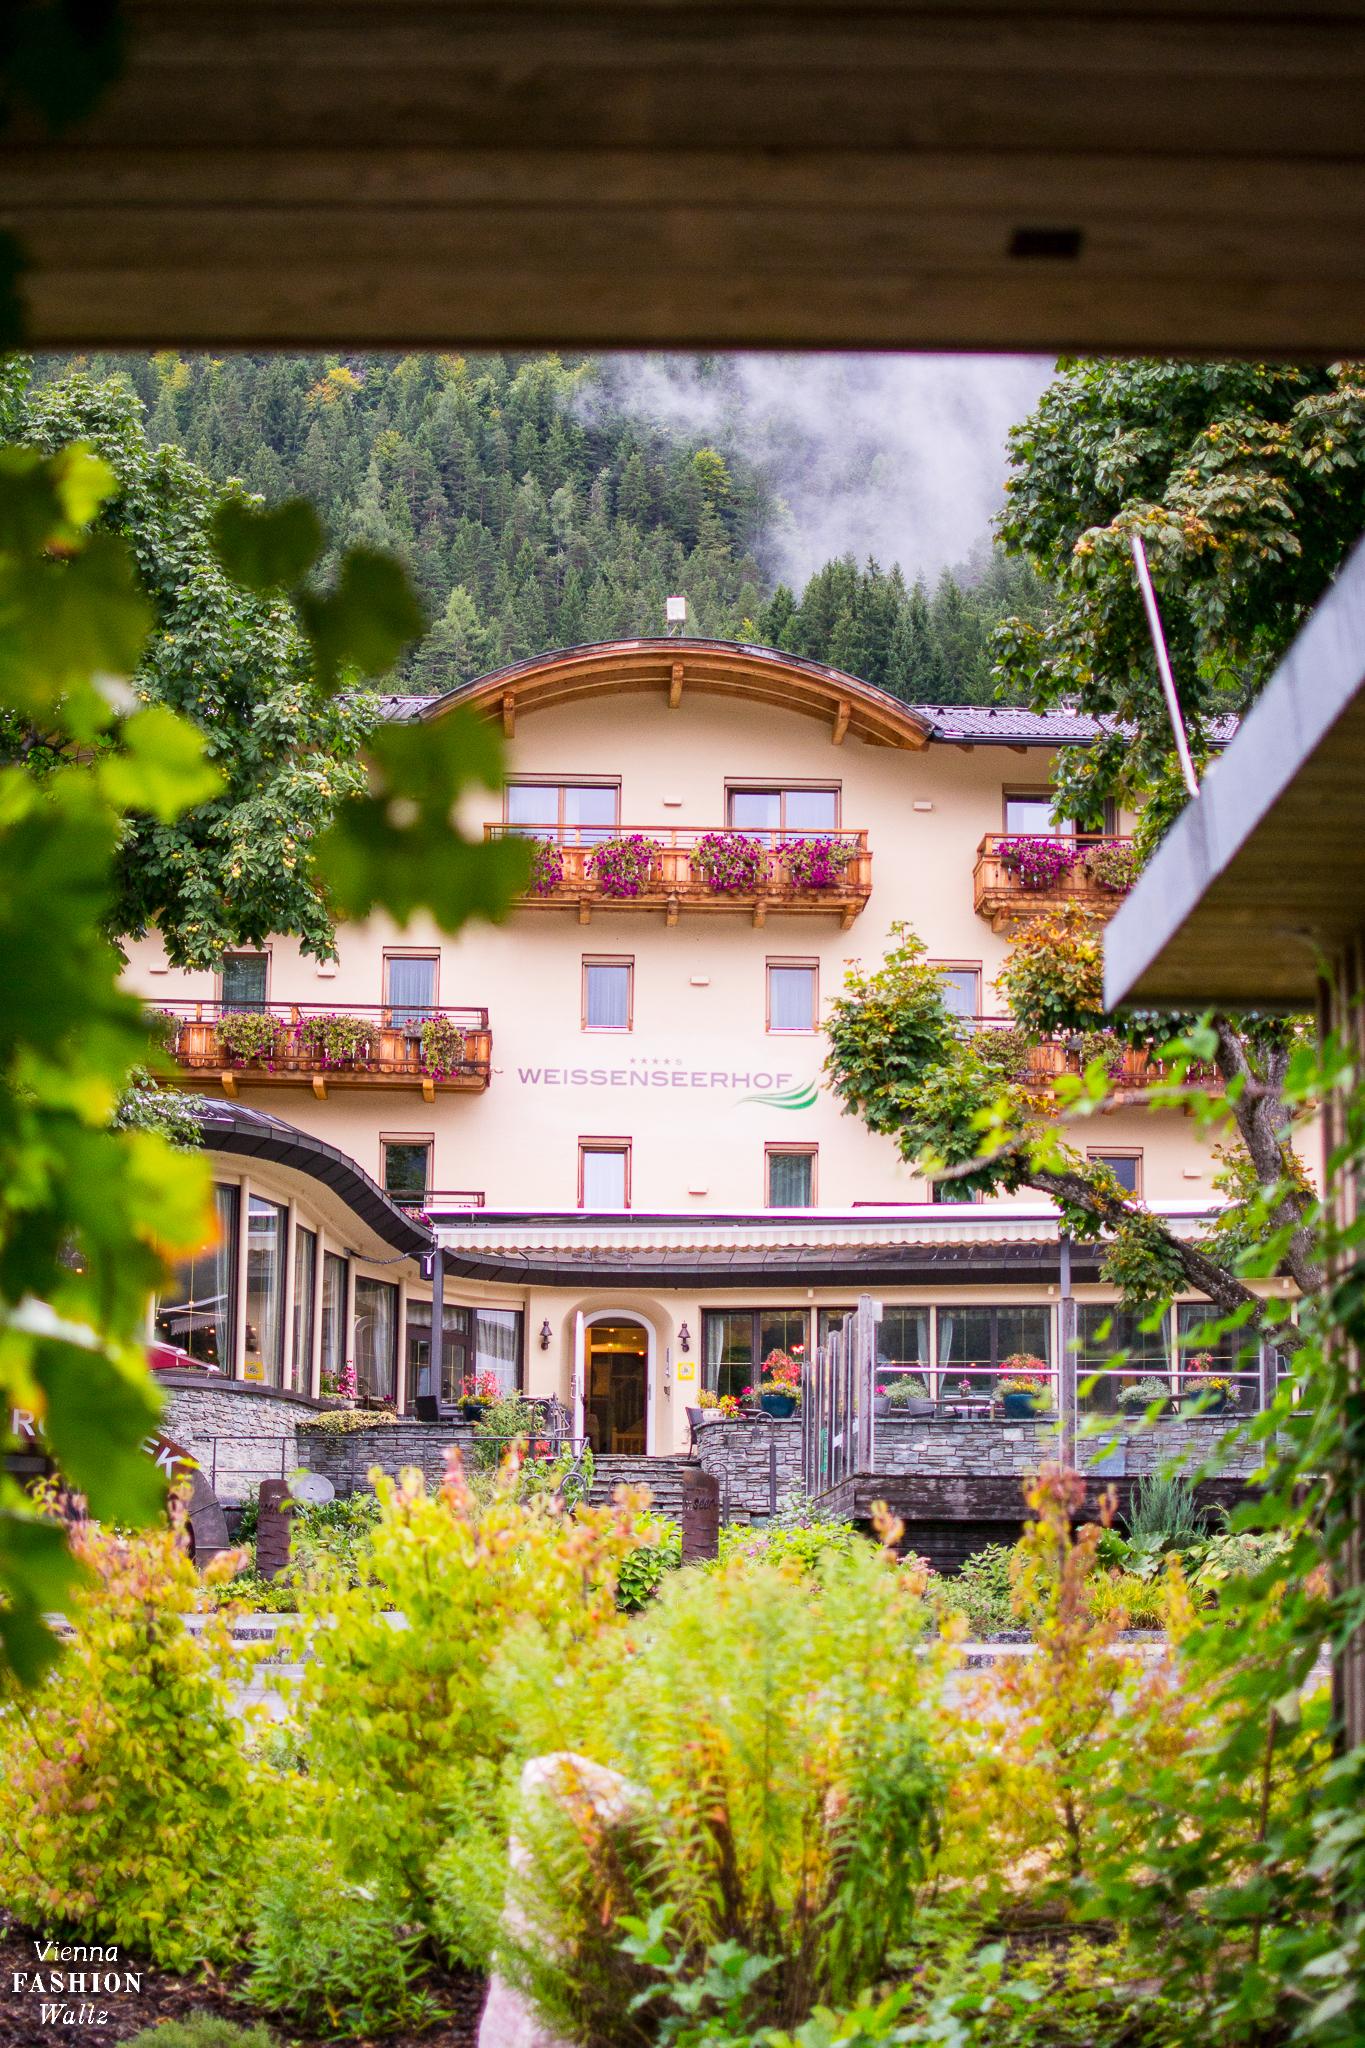 Weissenseerhof & TIAN | Erstes vegetarisches BioHotel in Österreich | www.viennafashionwaltz.com